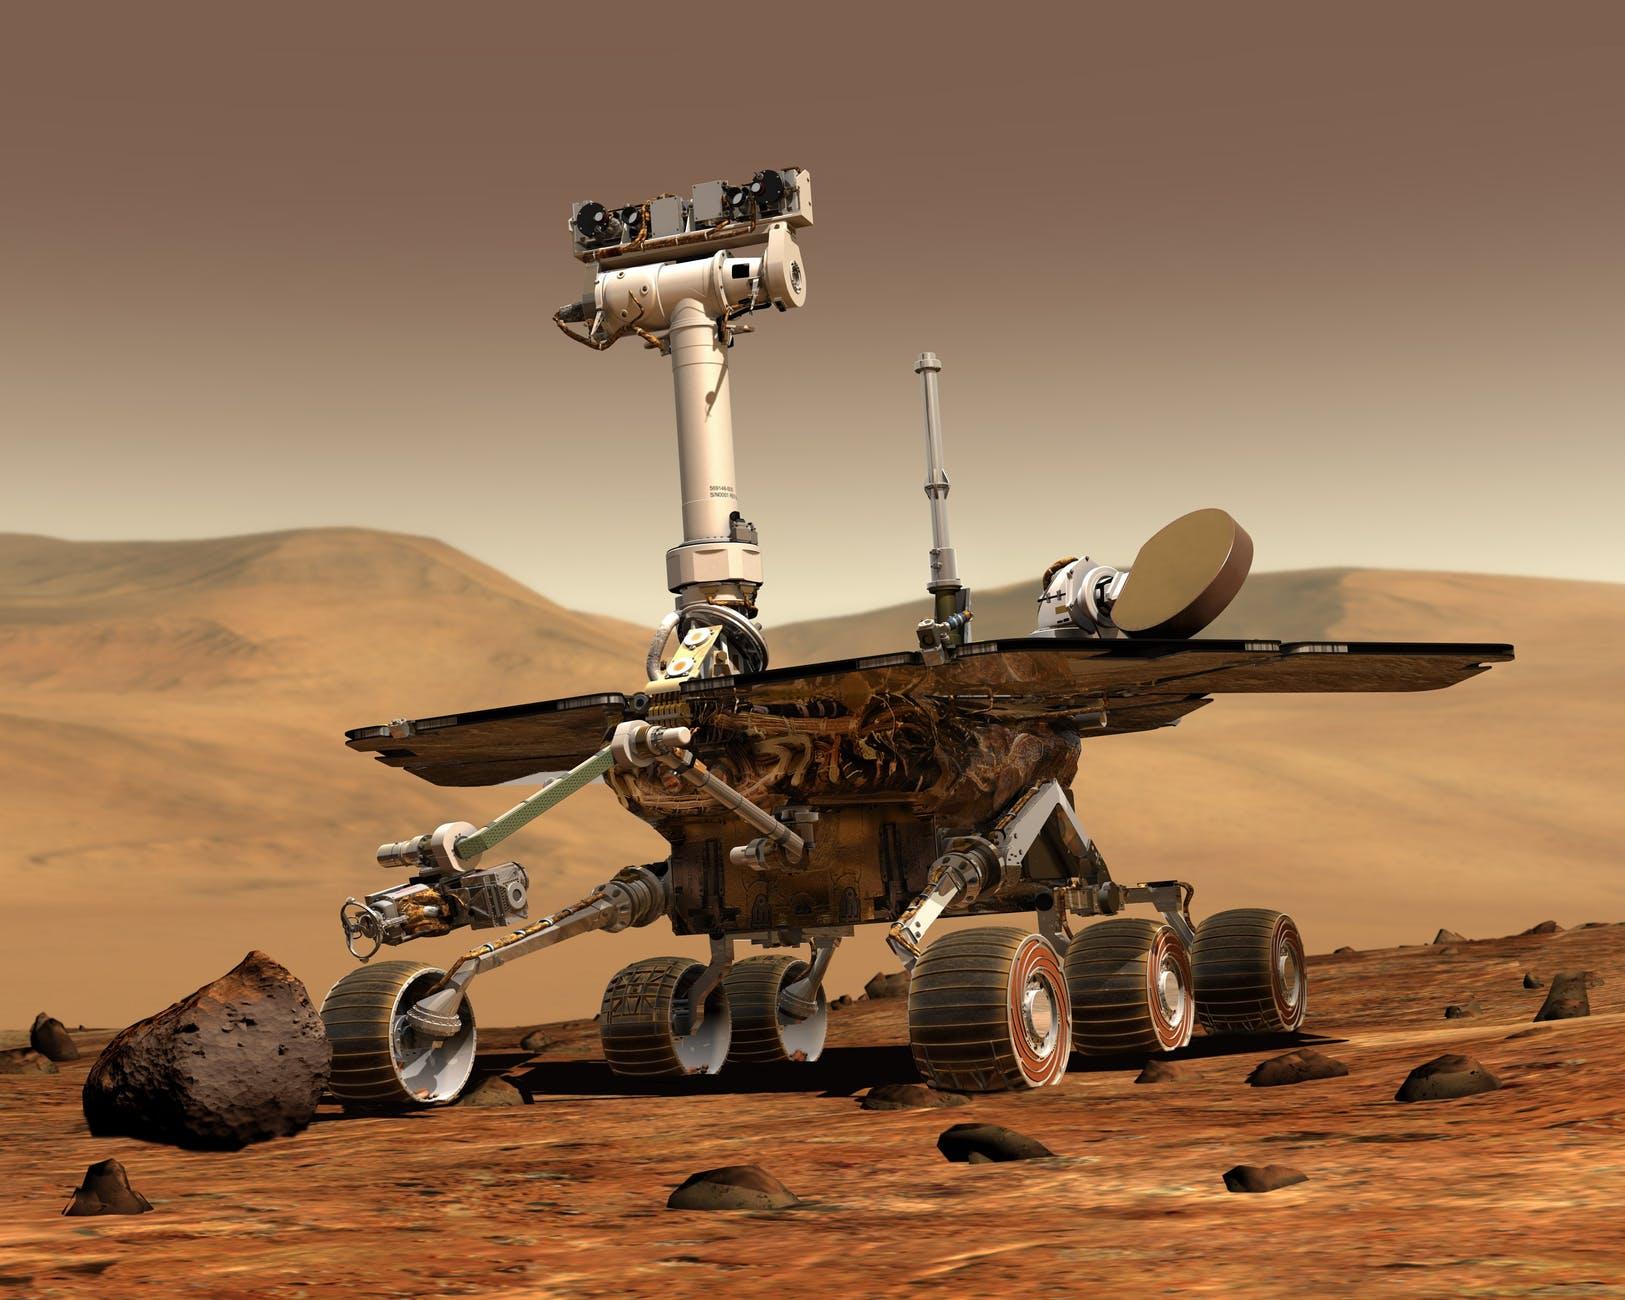 Rover Spirit em Marte. (Fonte: Nasa, Pexels / Reprodução)